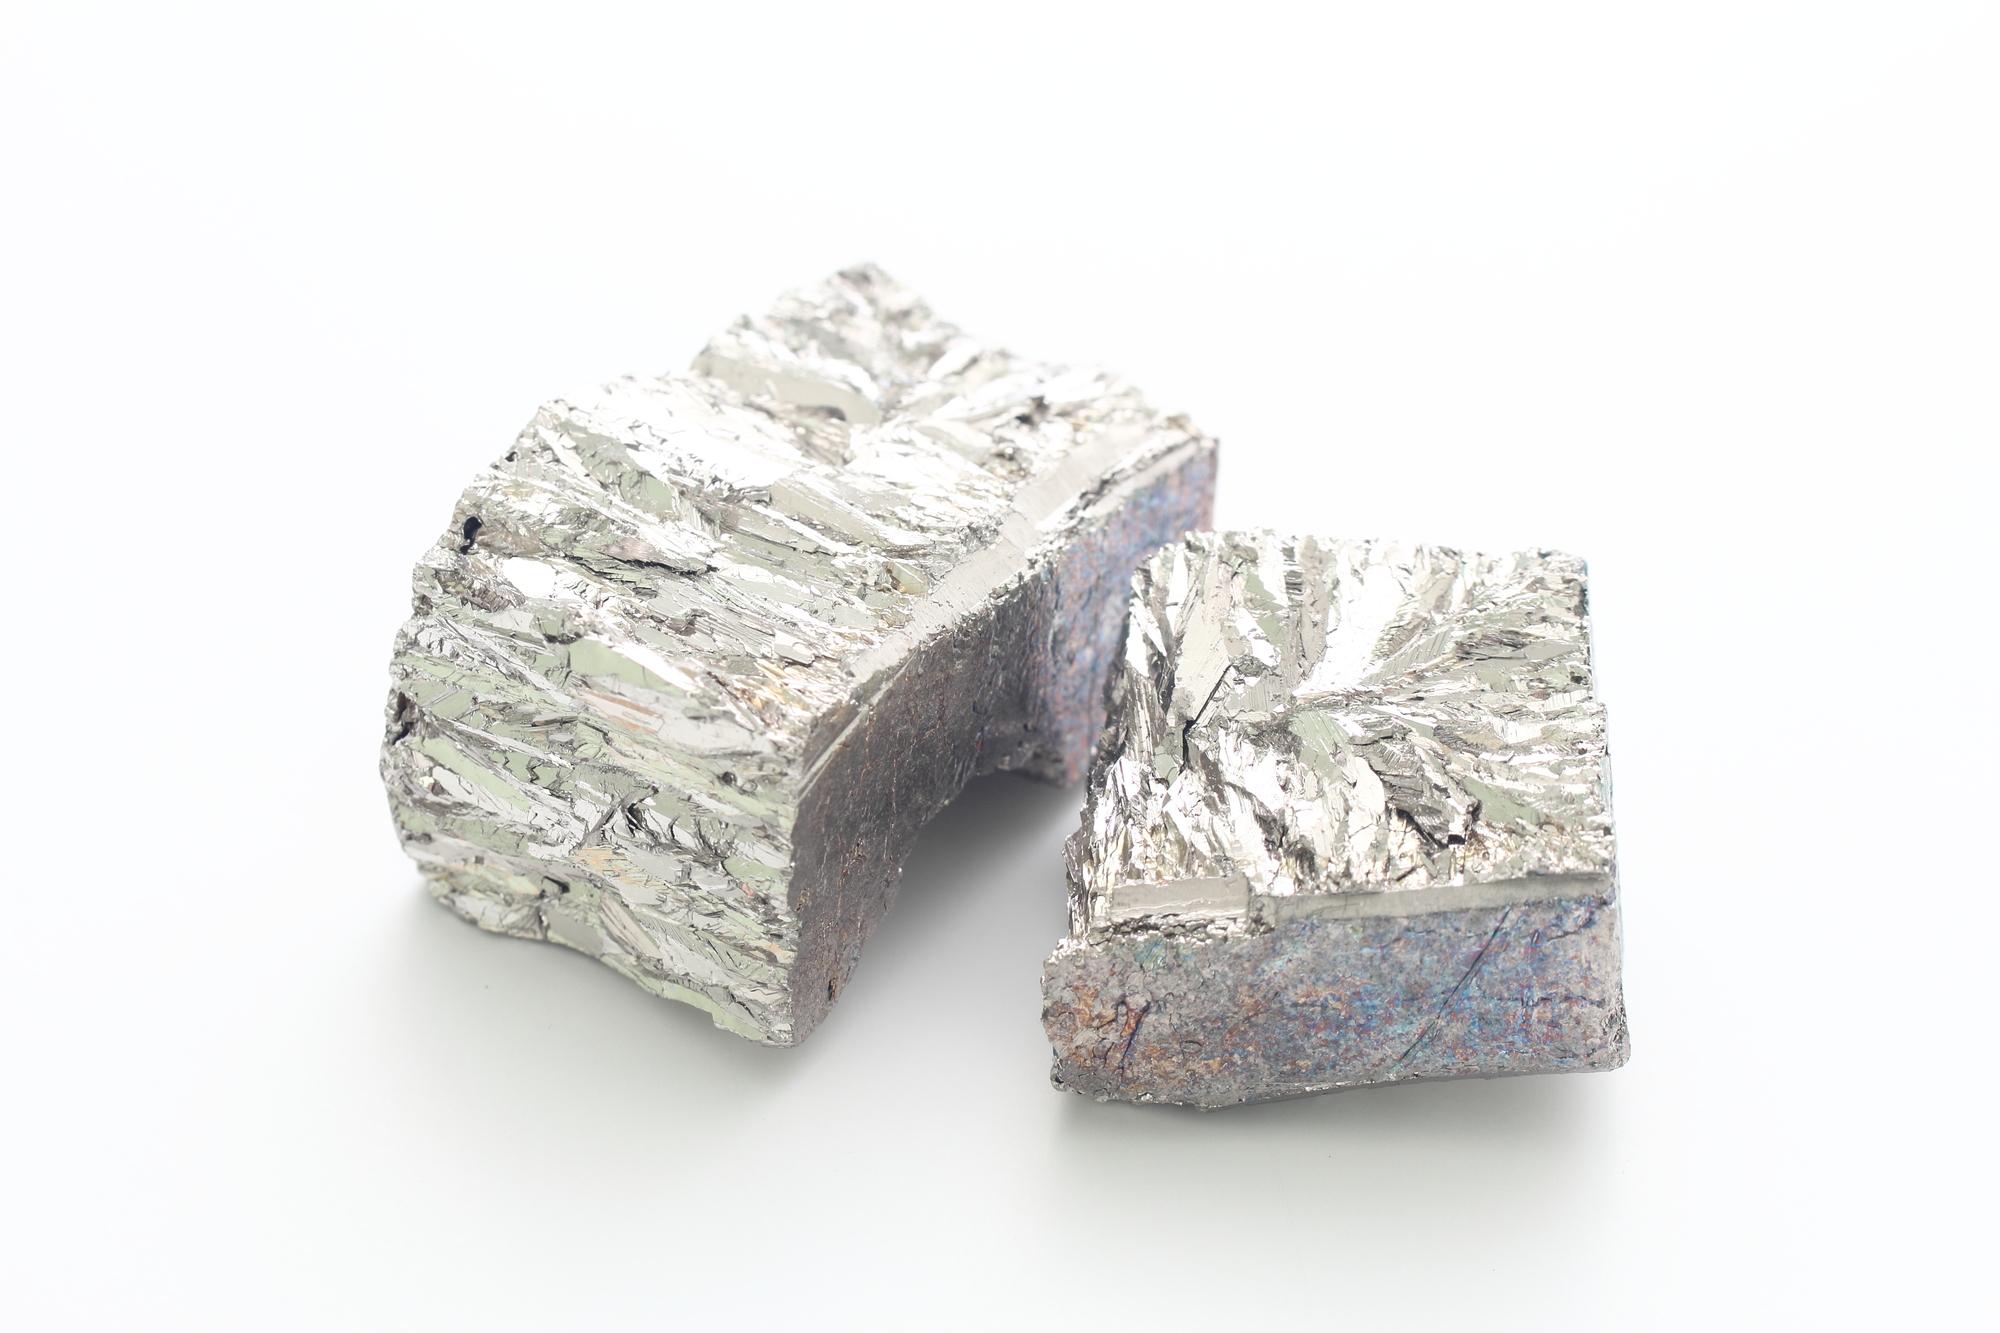 ビスマス インゴット | 三光金属株式会社 | 錫・鉛・半田・製造 ...